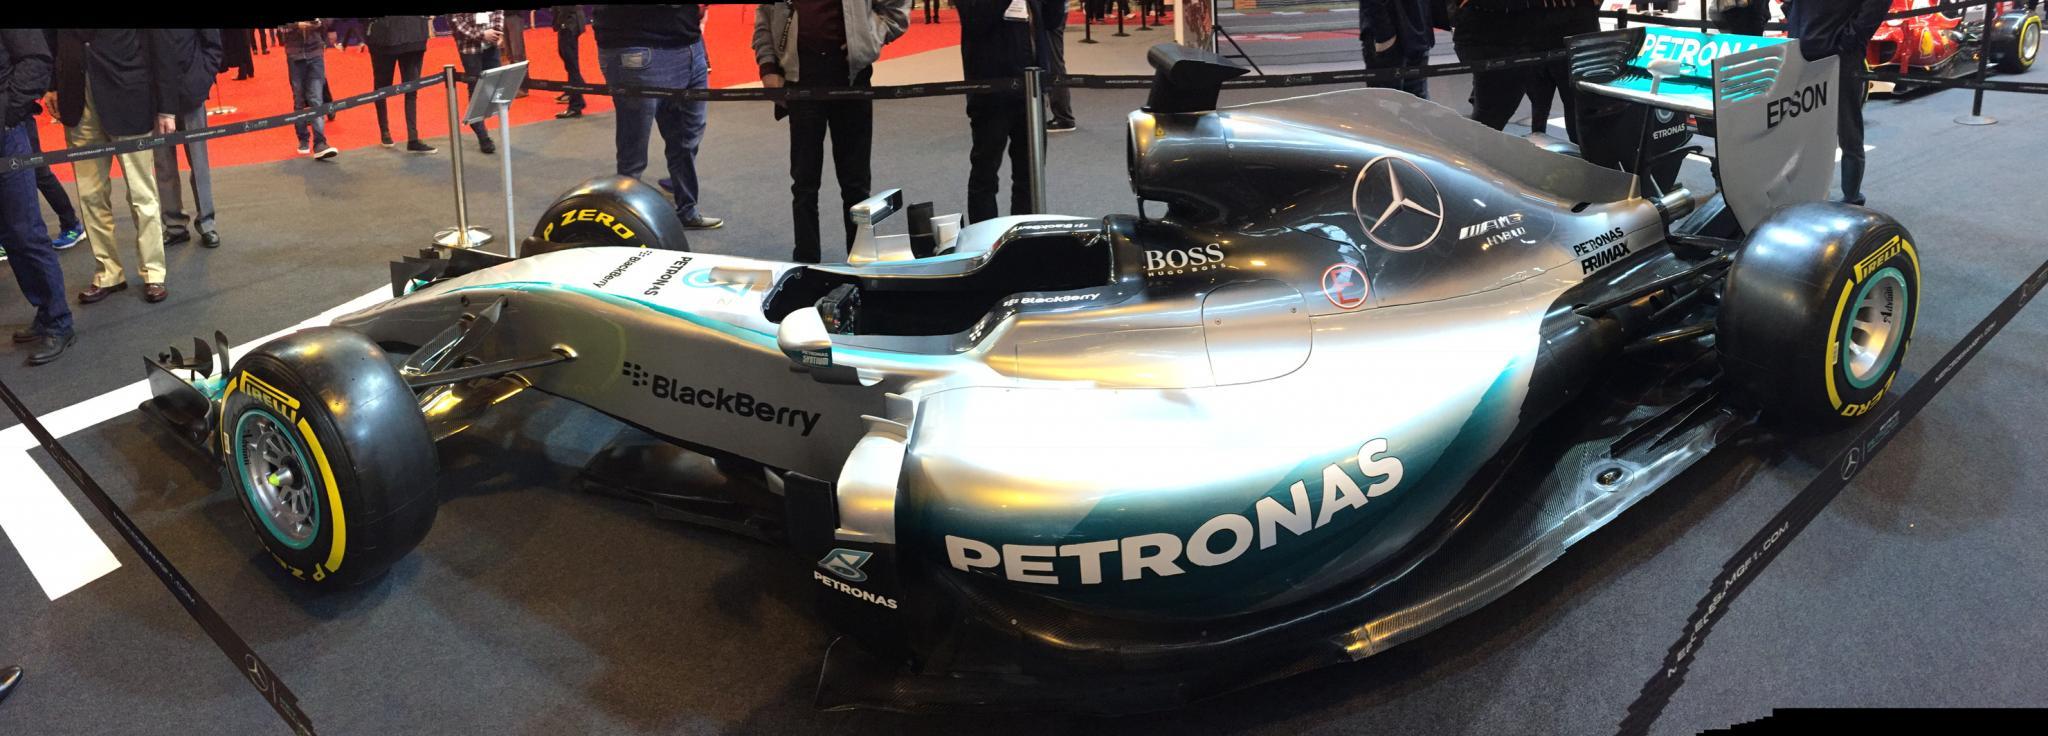 F1 in 2016-image-jpg